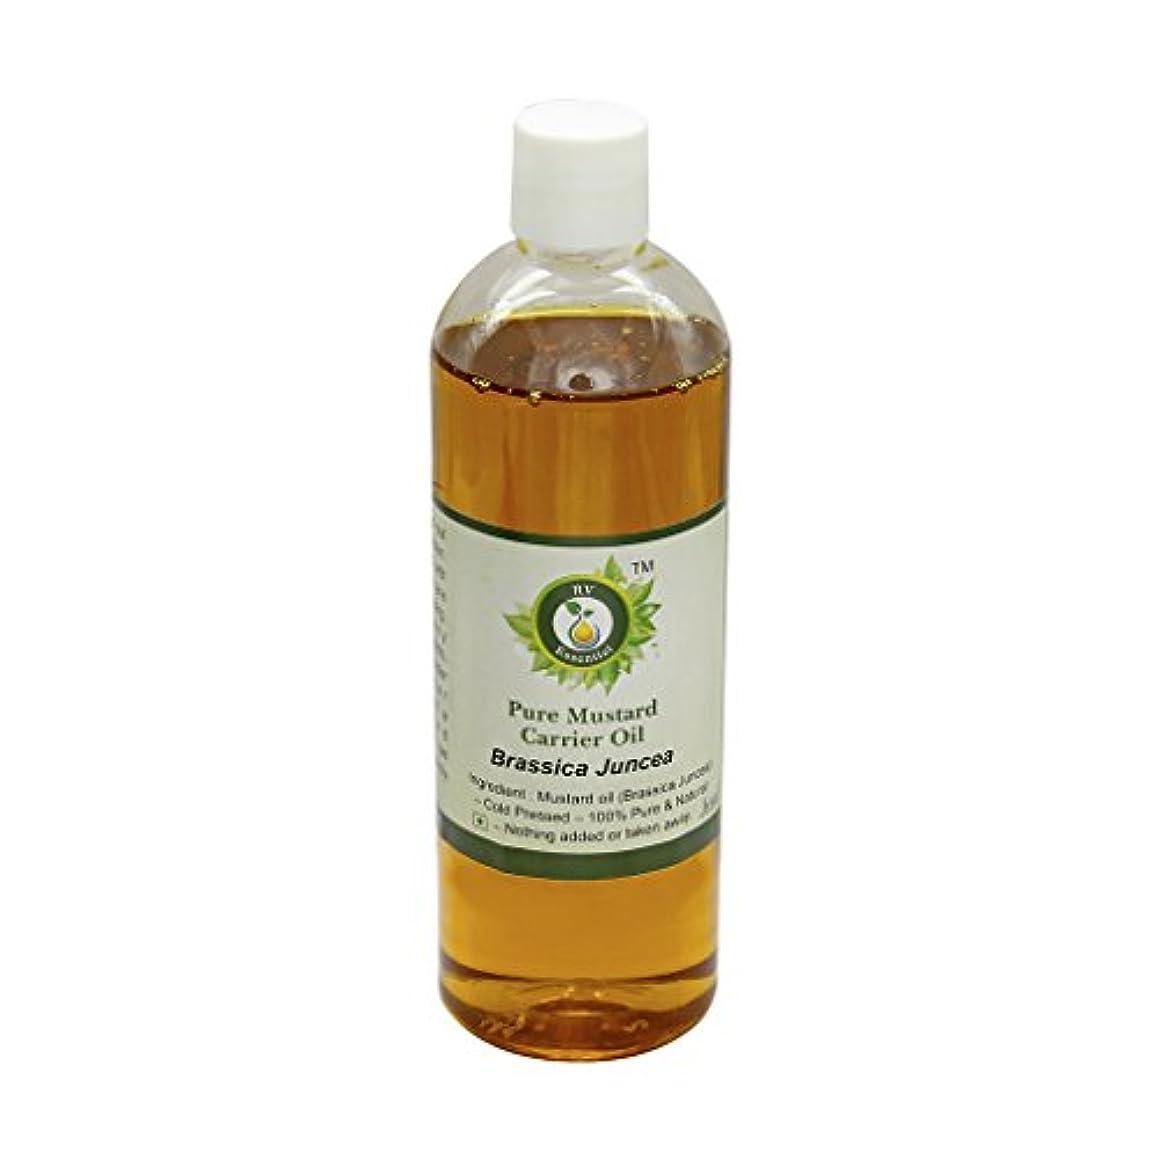 支払うタール本質的ではないR V Essential 純粋なマスタードキャリアオイル100ml (3.38oz)- Brassica Juncea (100%ピュア&ナチュラルコールドPressed) Pure Mustard Carrier Oil